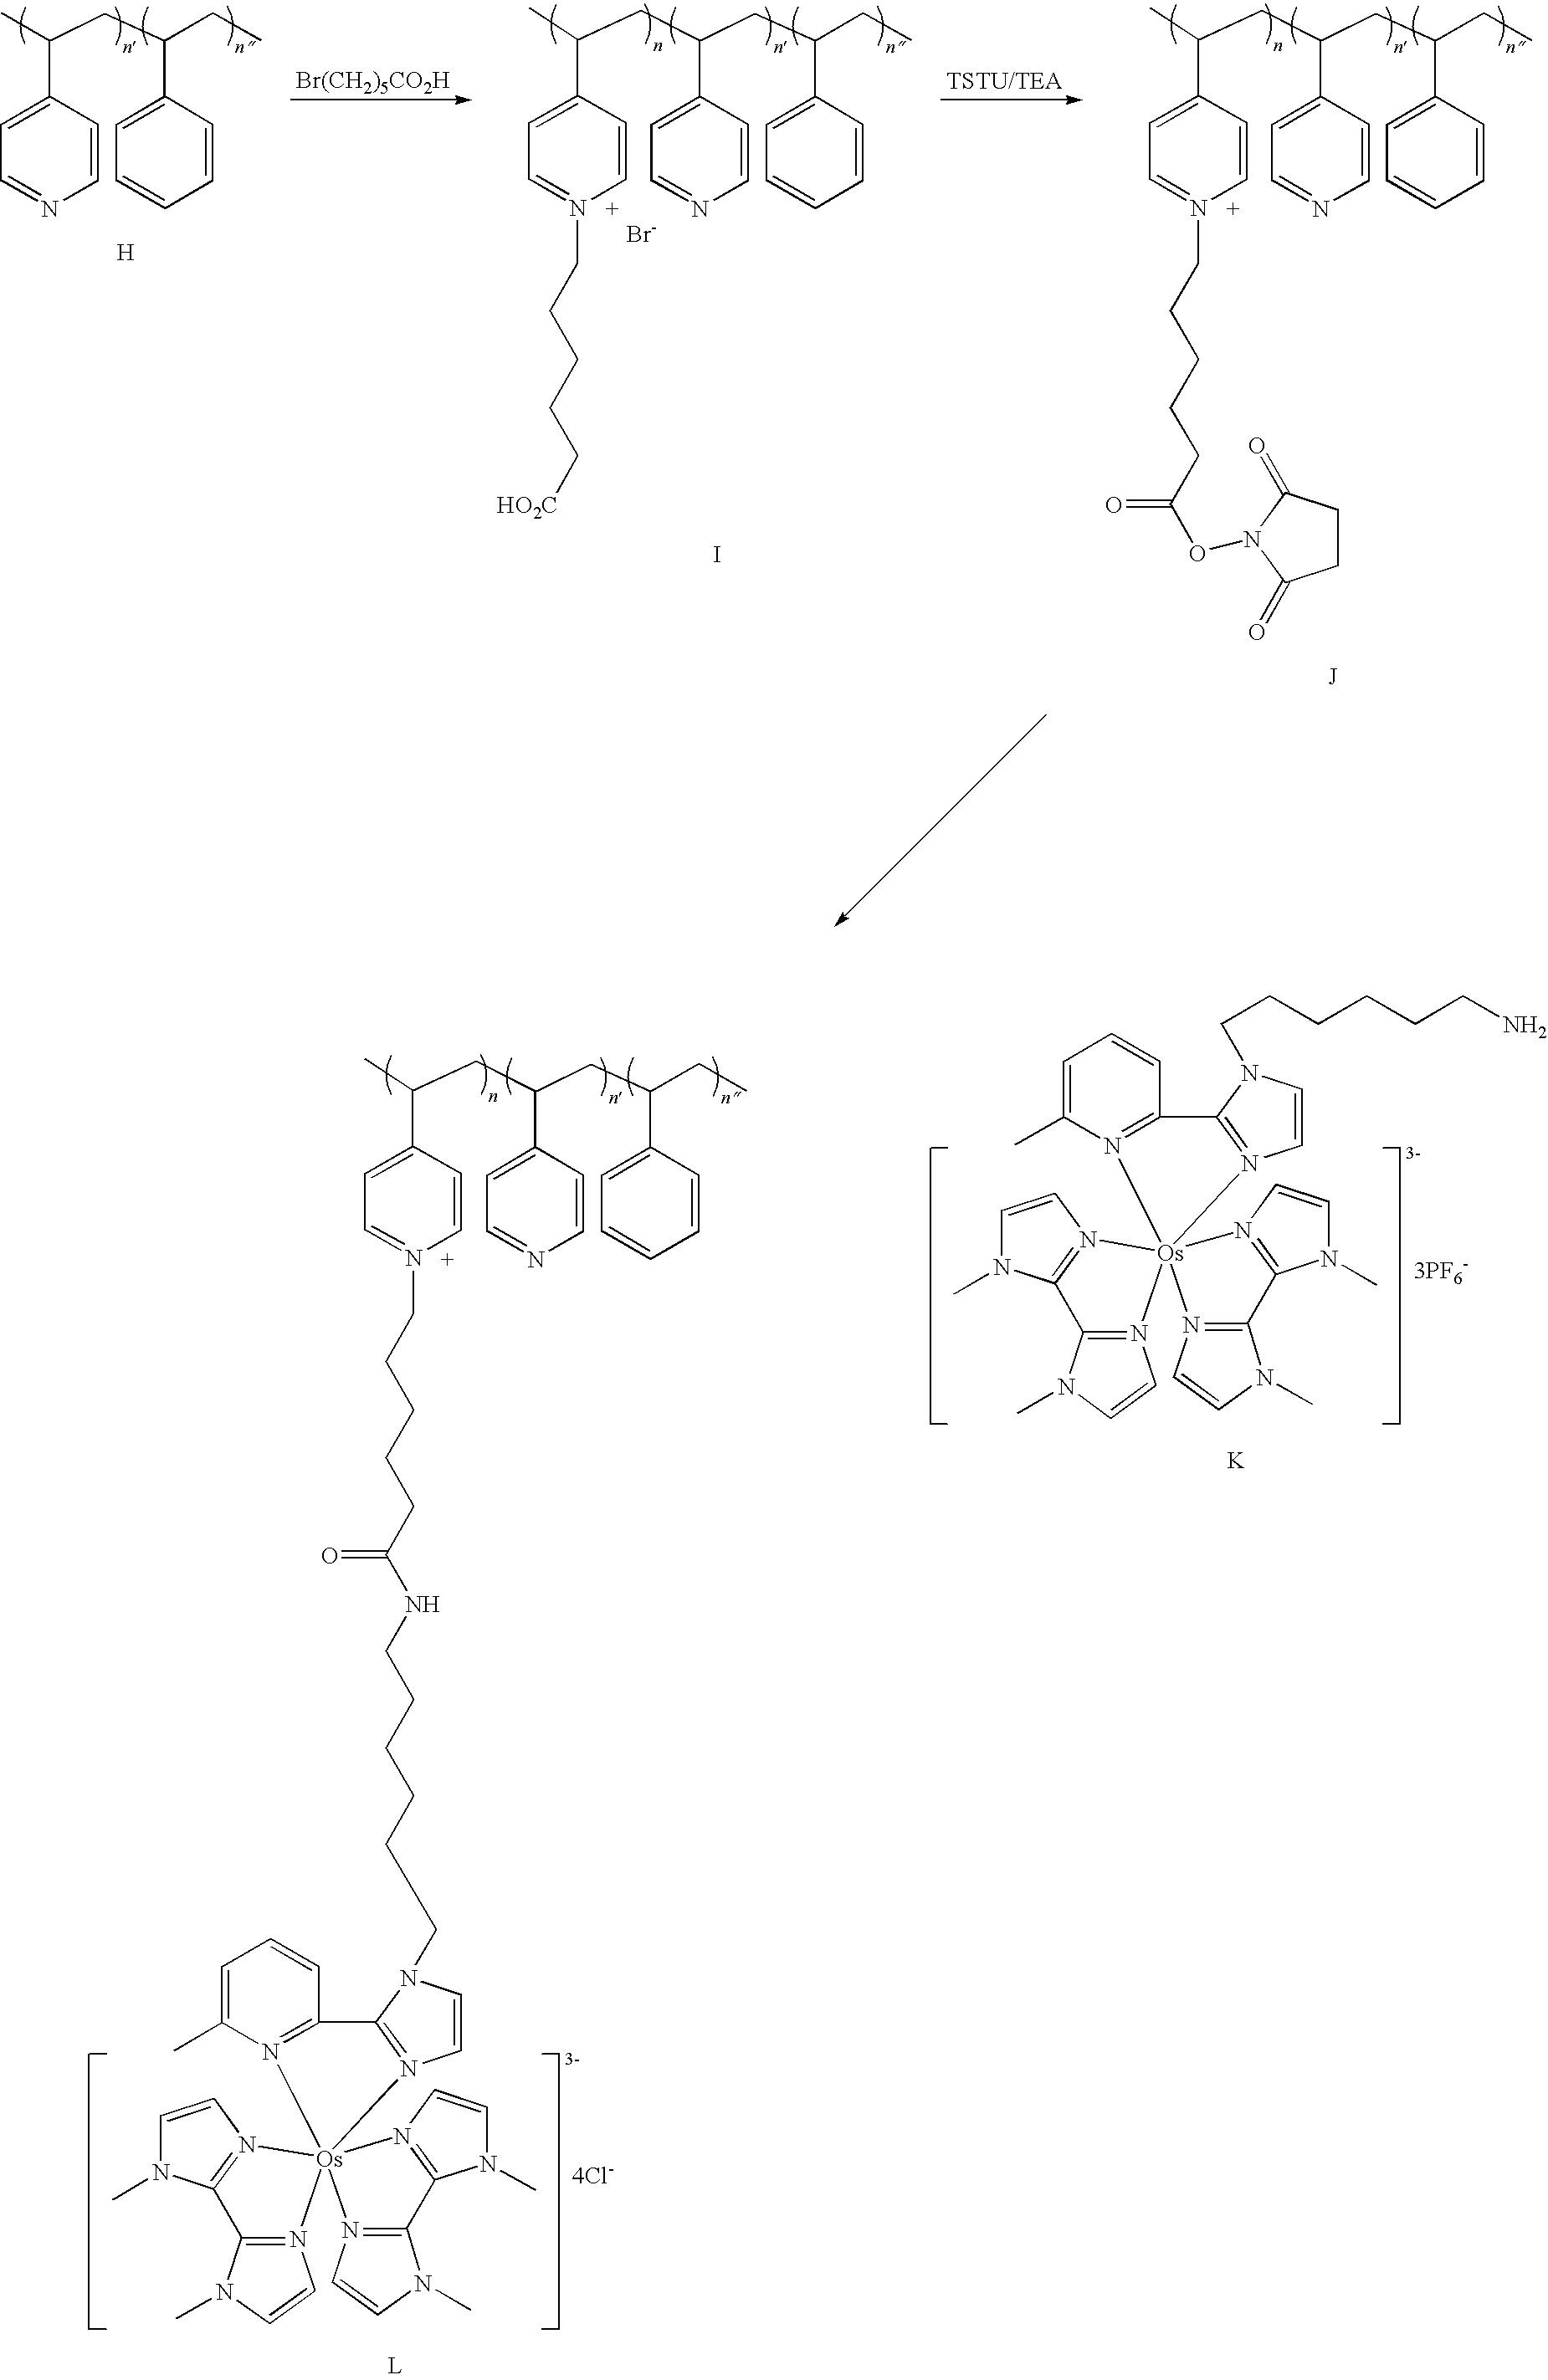 Figure US20100288634A1-20101118-C00053